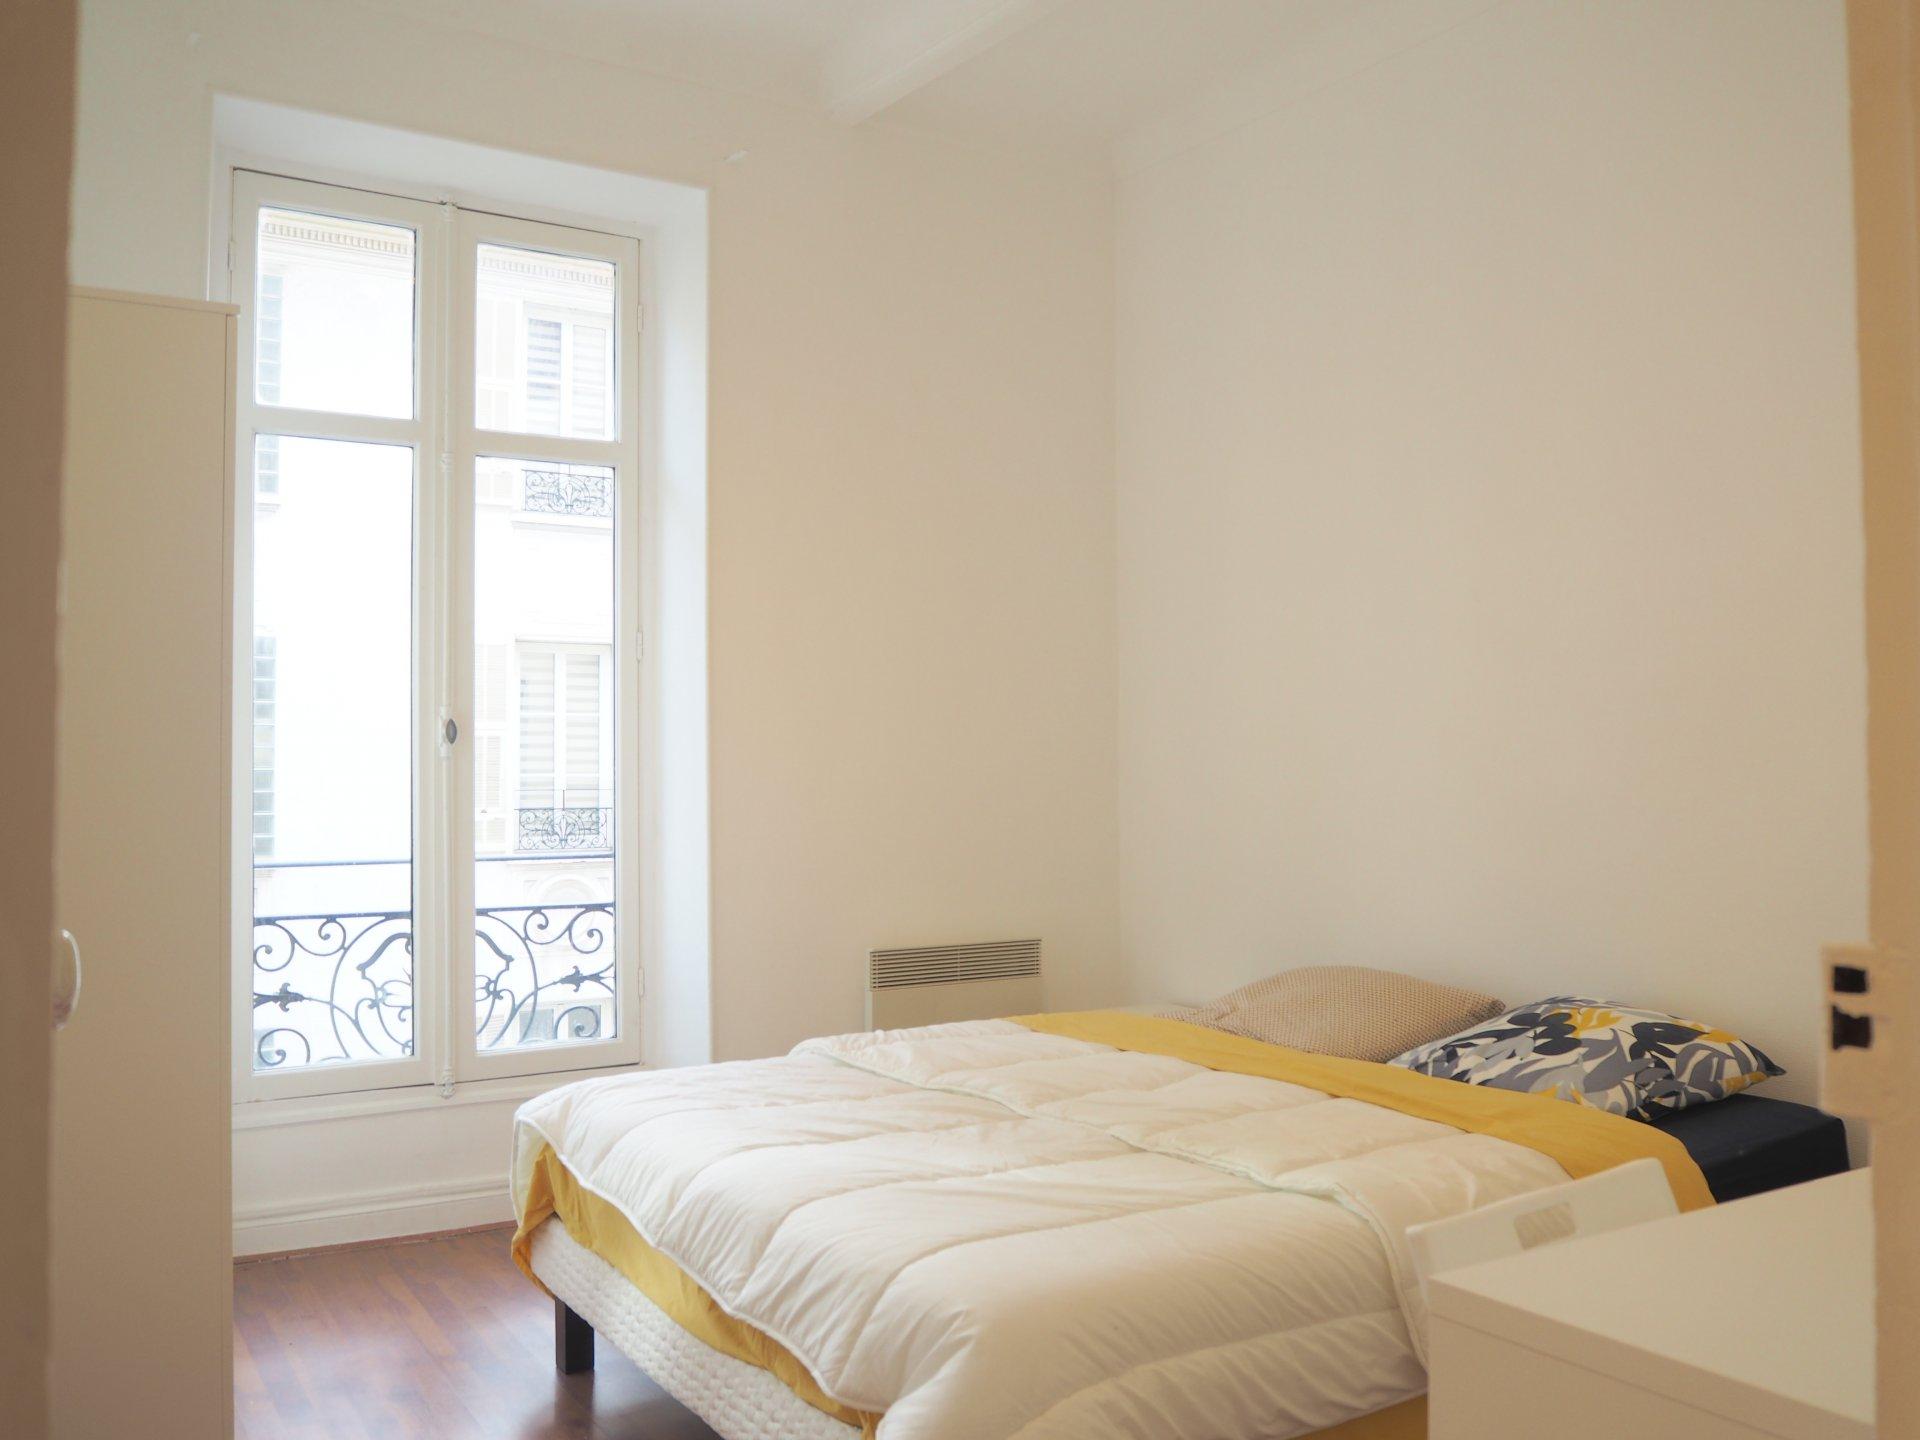 Försäljning Lägenhet - Nice Borriglione